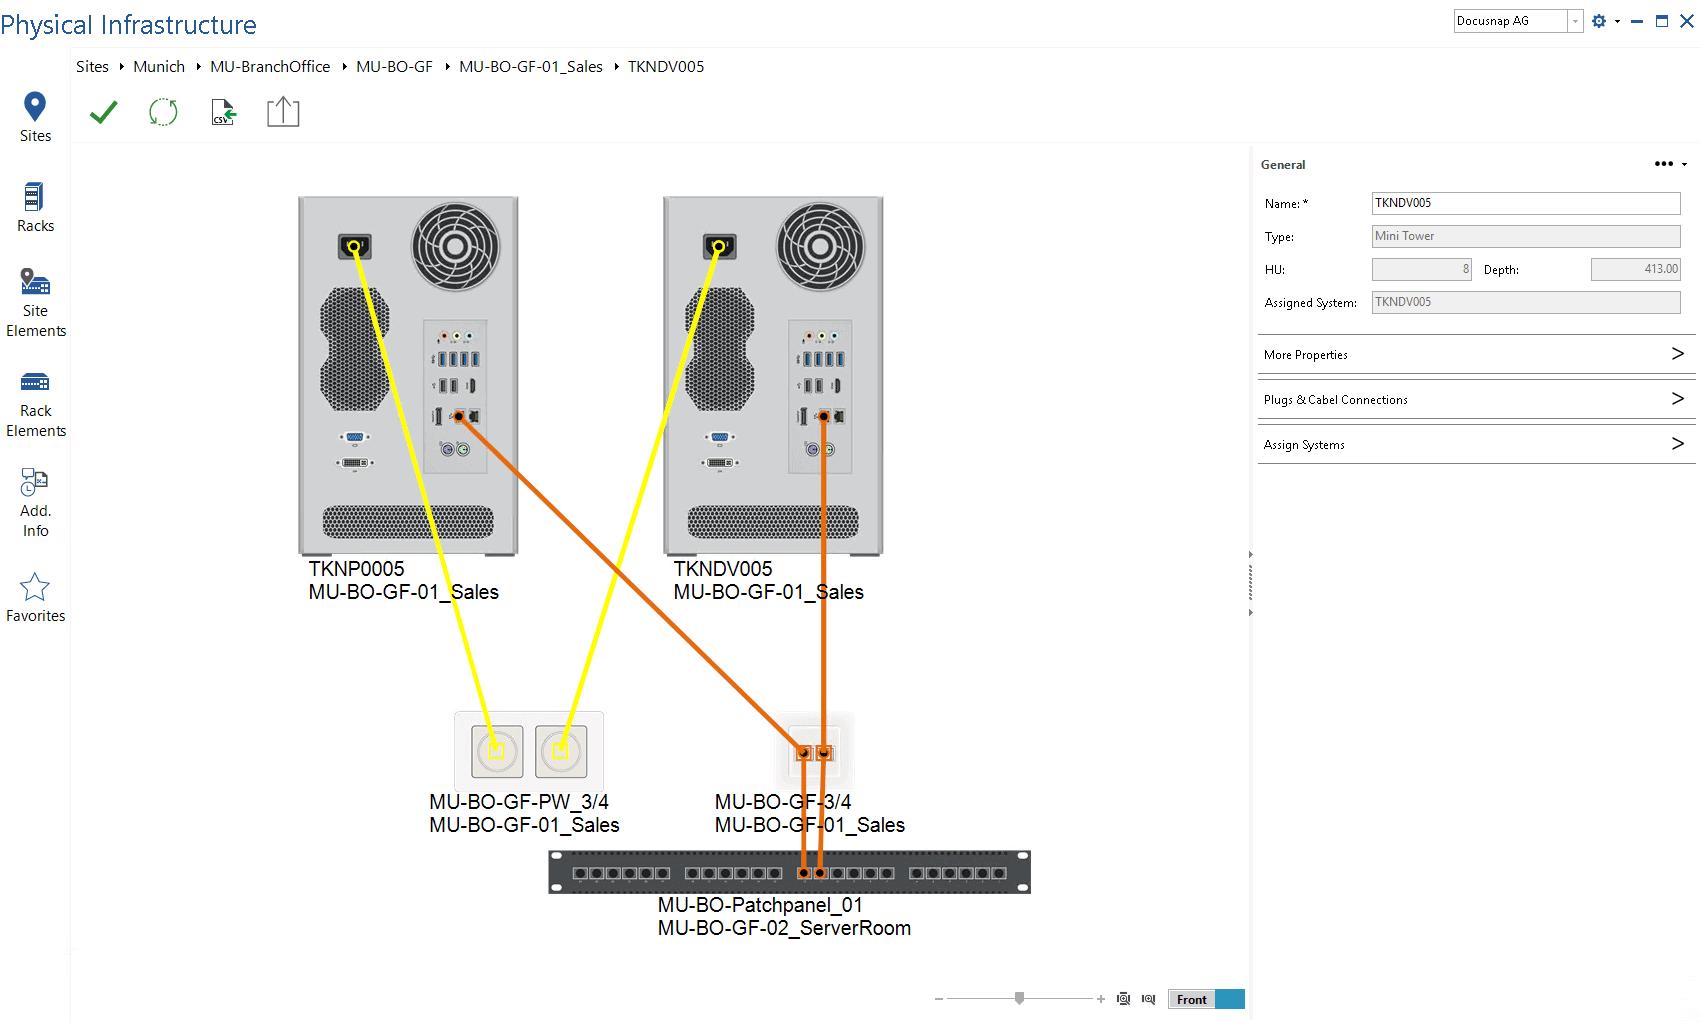 Screenshot: Manually Capturing the Network Sockets